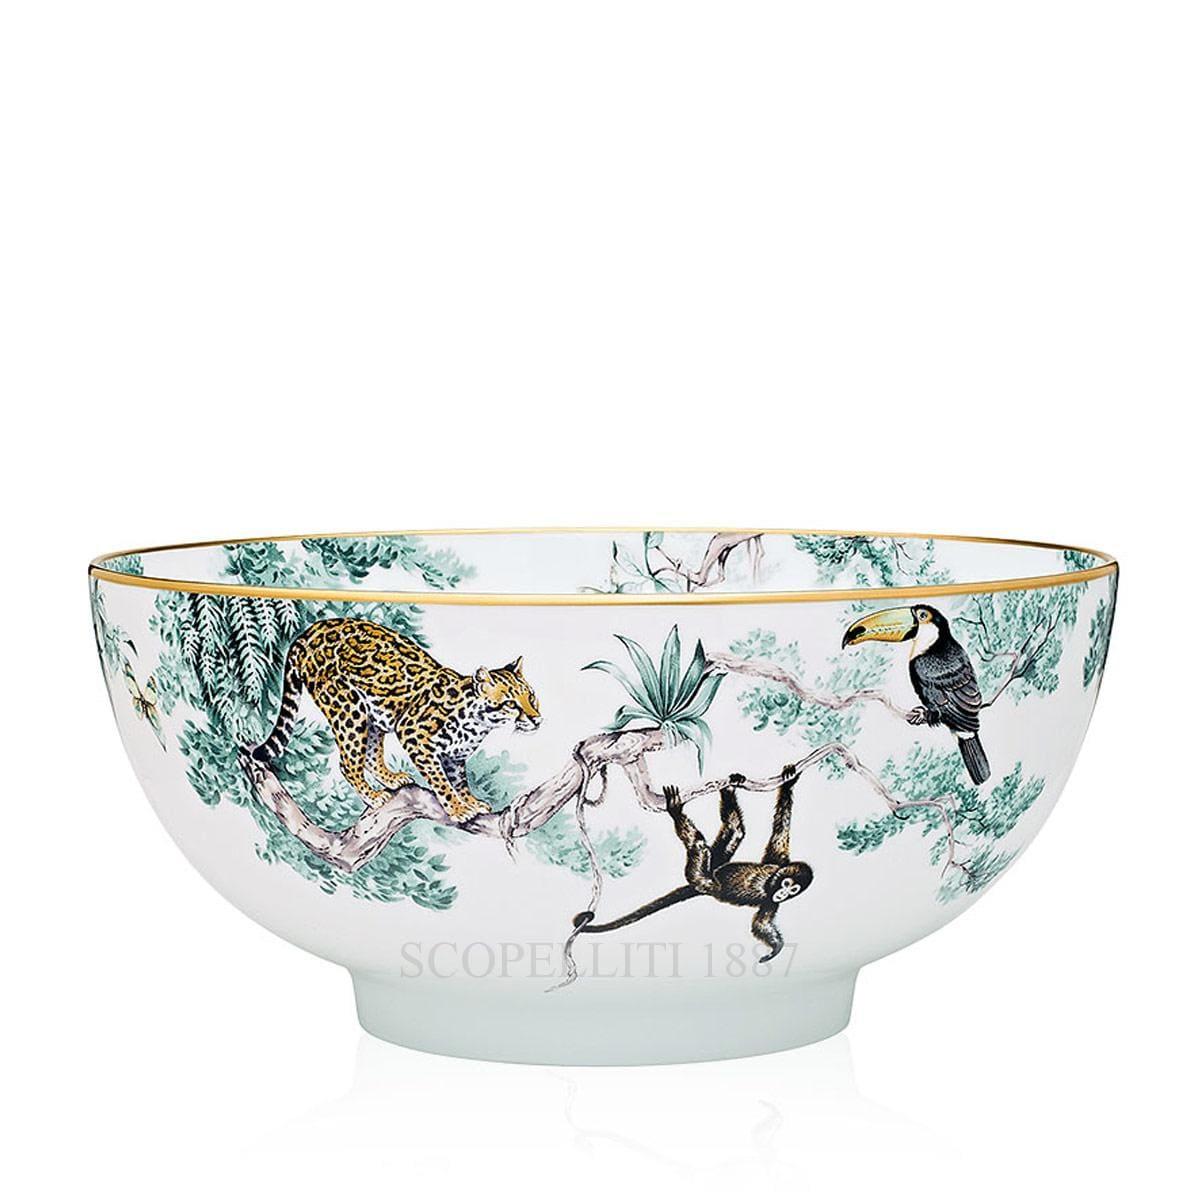 hermes paris carnets dequateur designer porcelain salad bowl